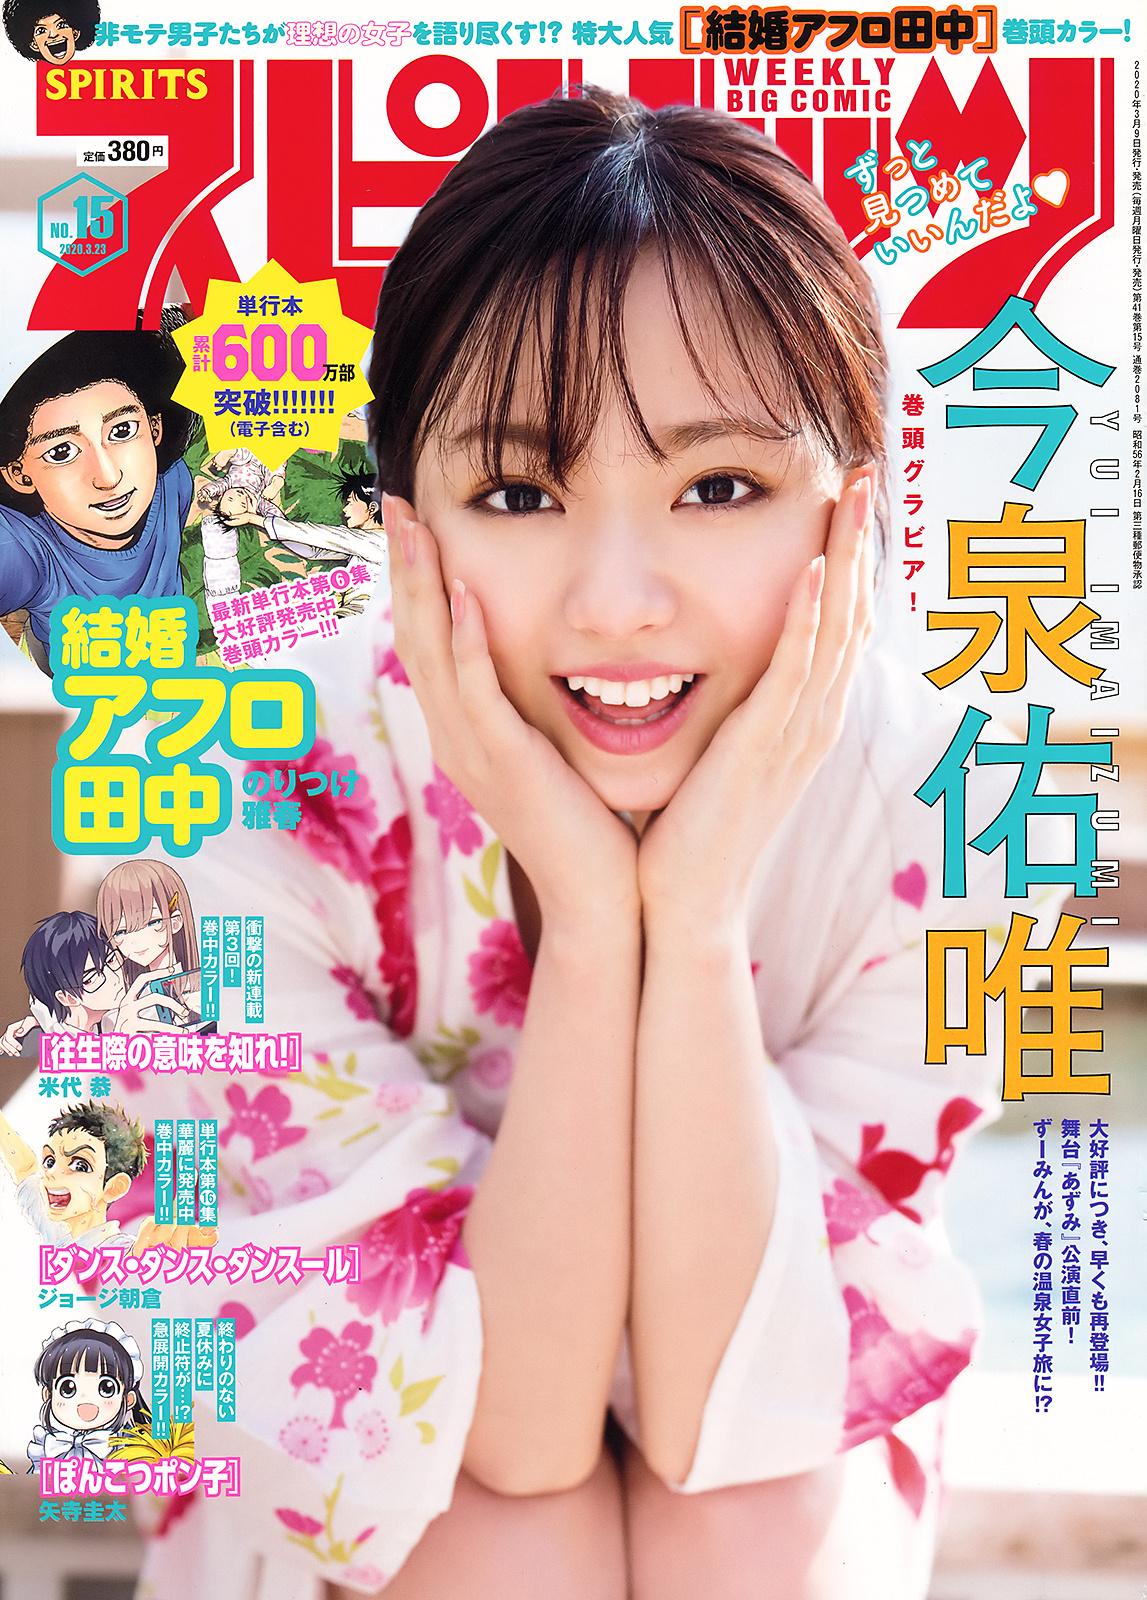 [Big Comic Spirits] 2020 No.15 Yui Imaizumi 今泉佑唯